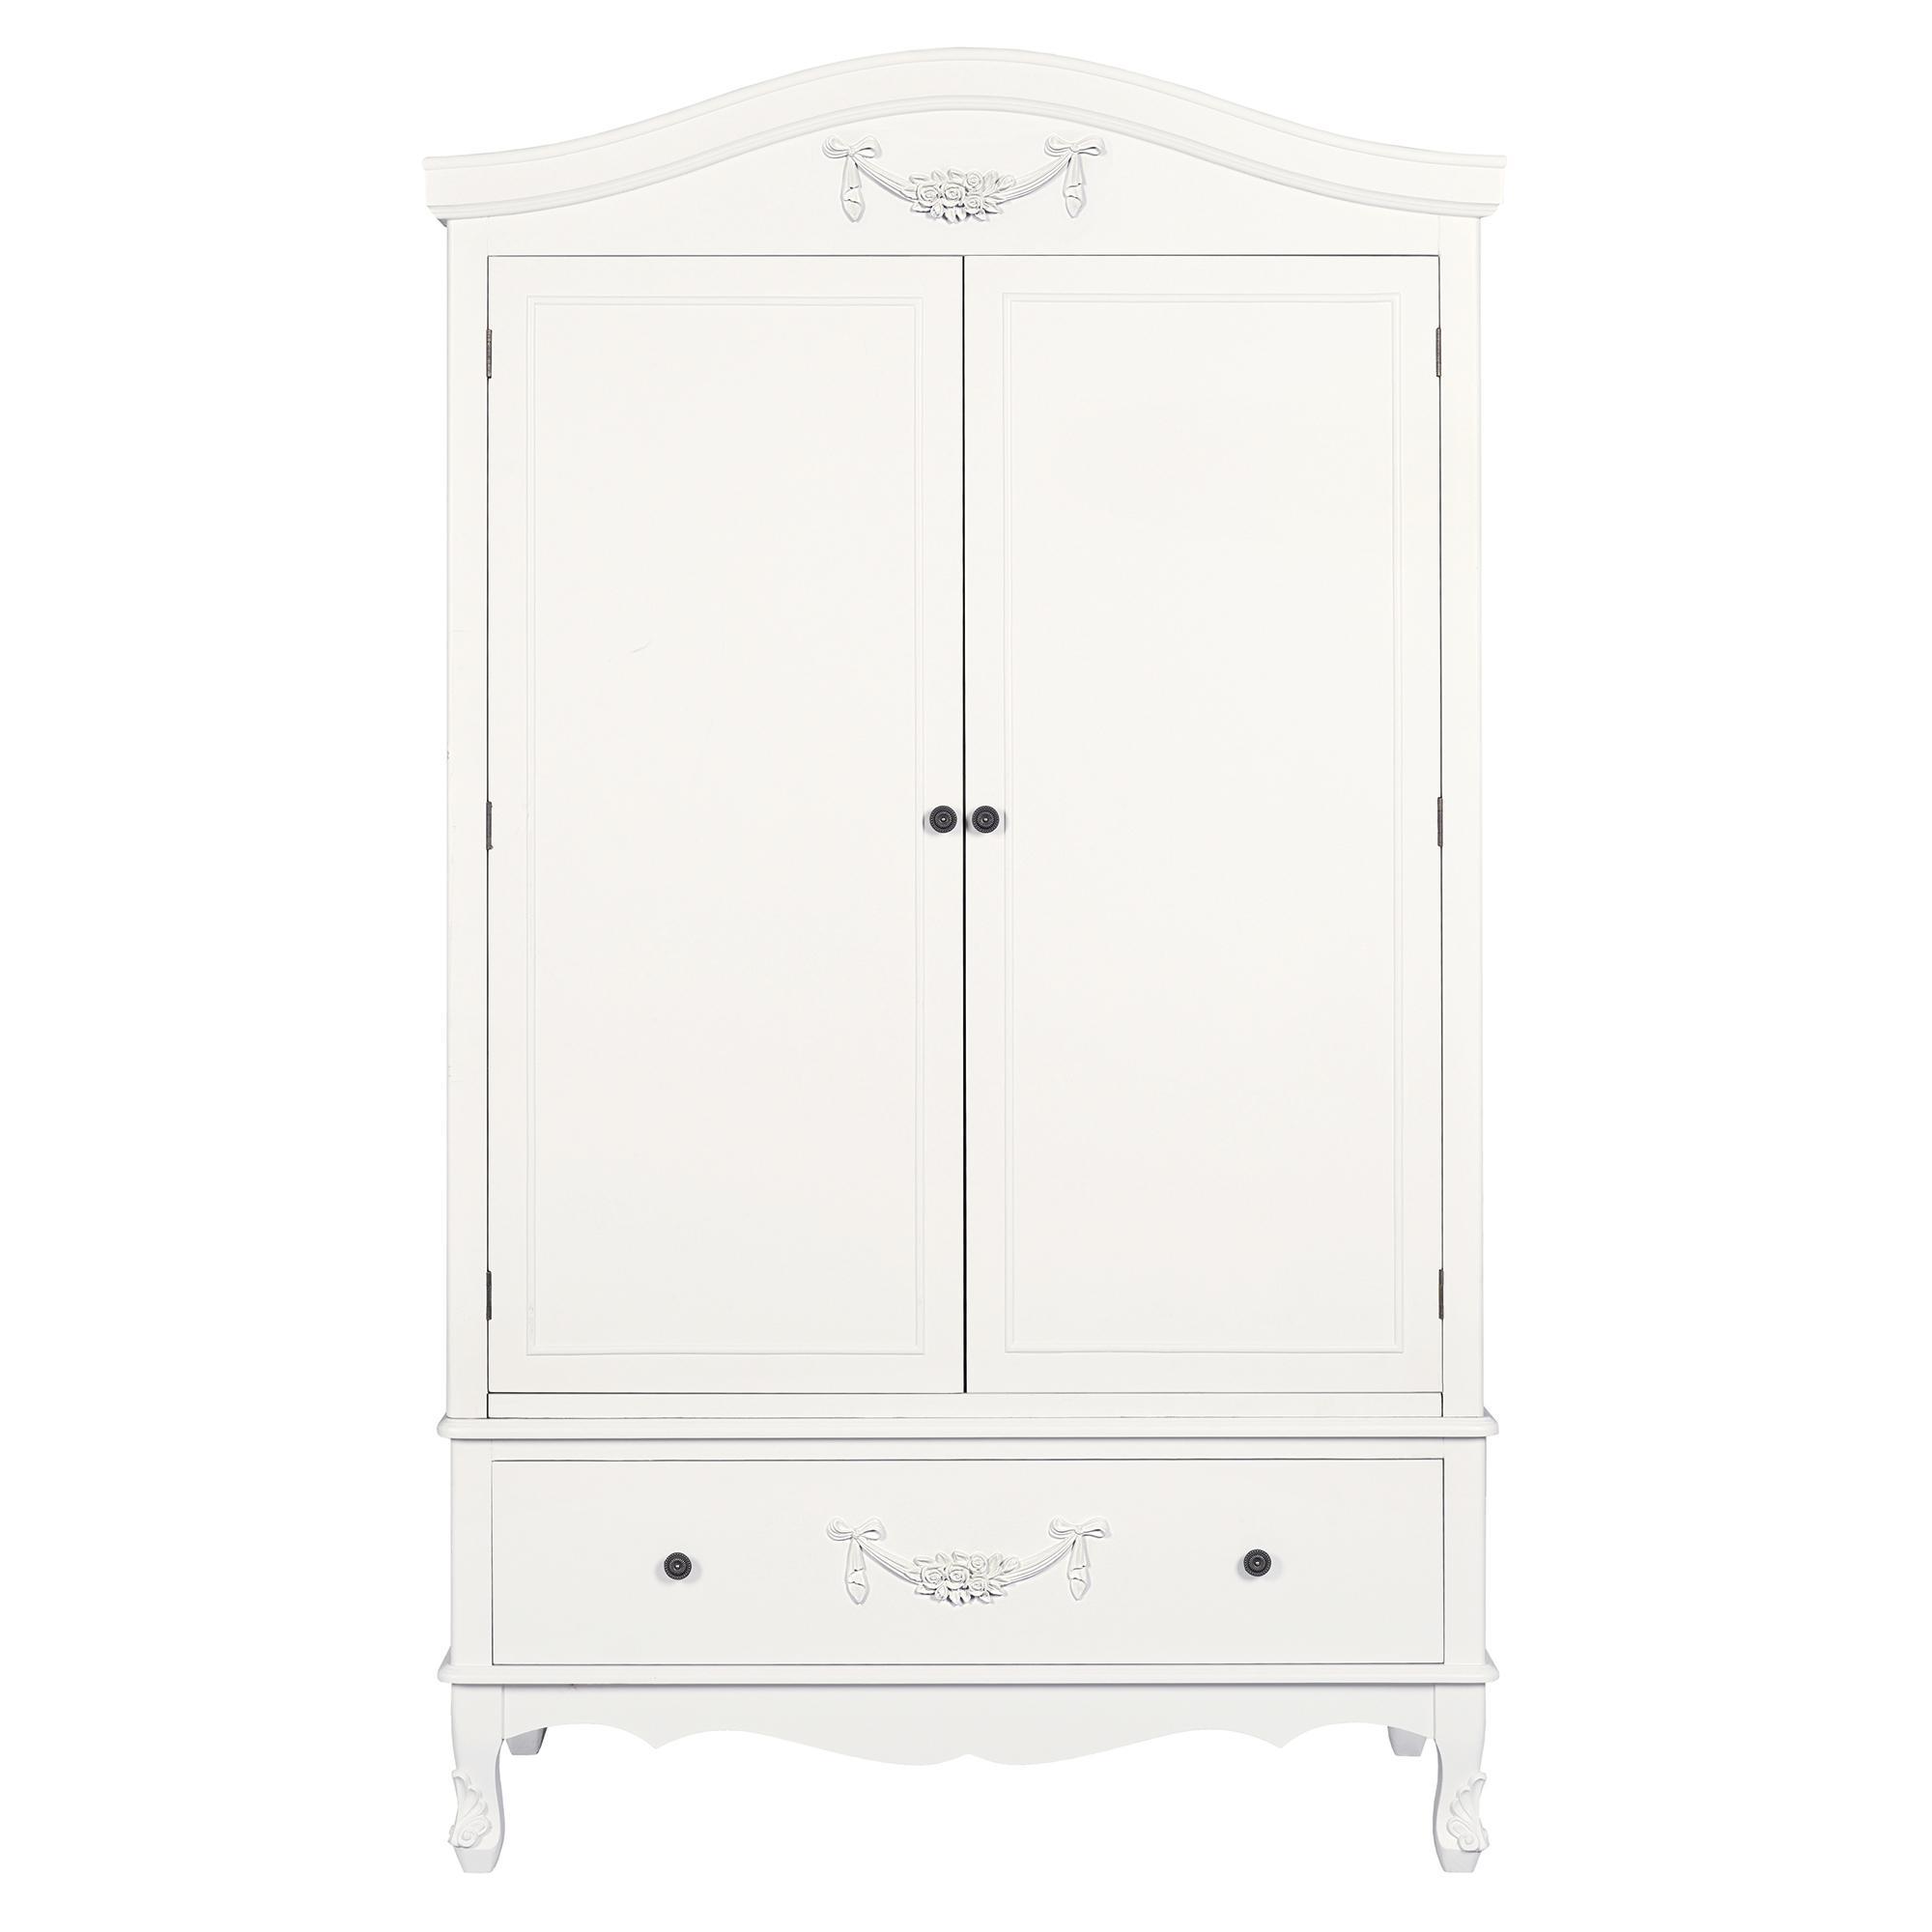 white wardrobe Toulouse white double wardrobe FZVLKJA